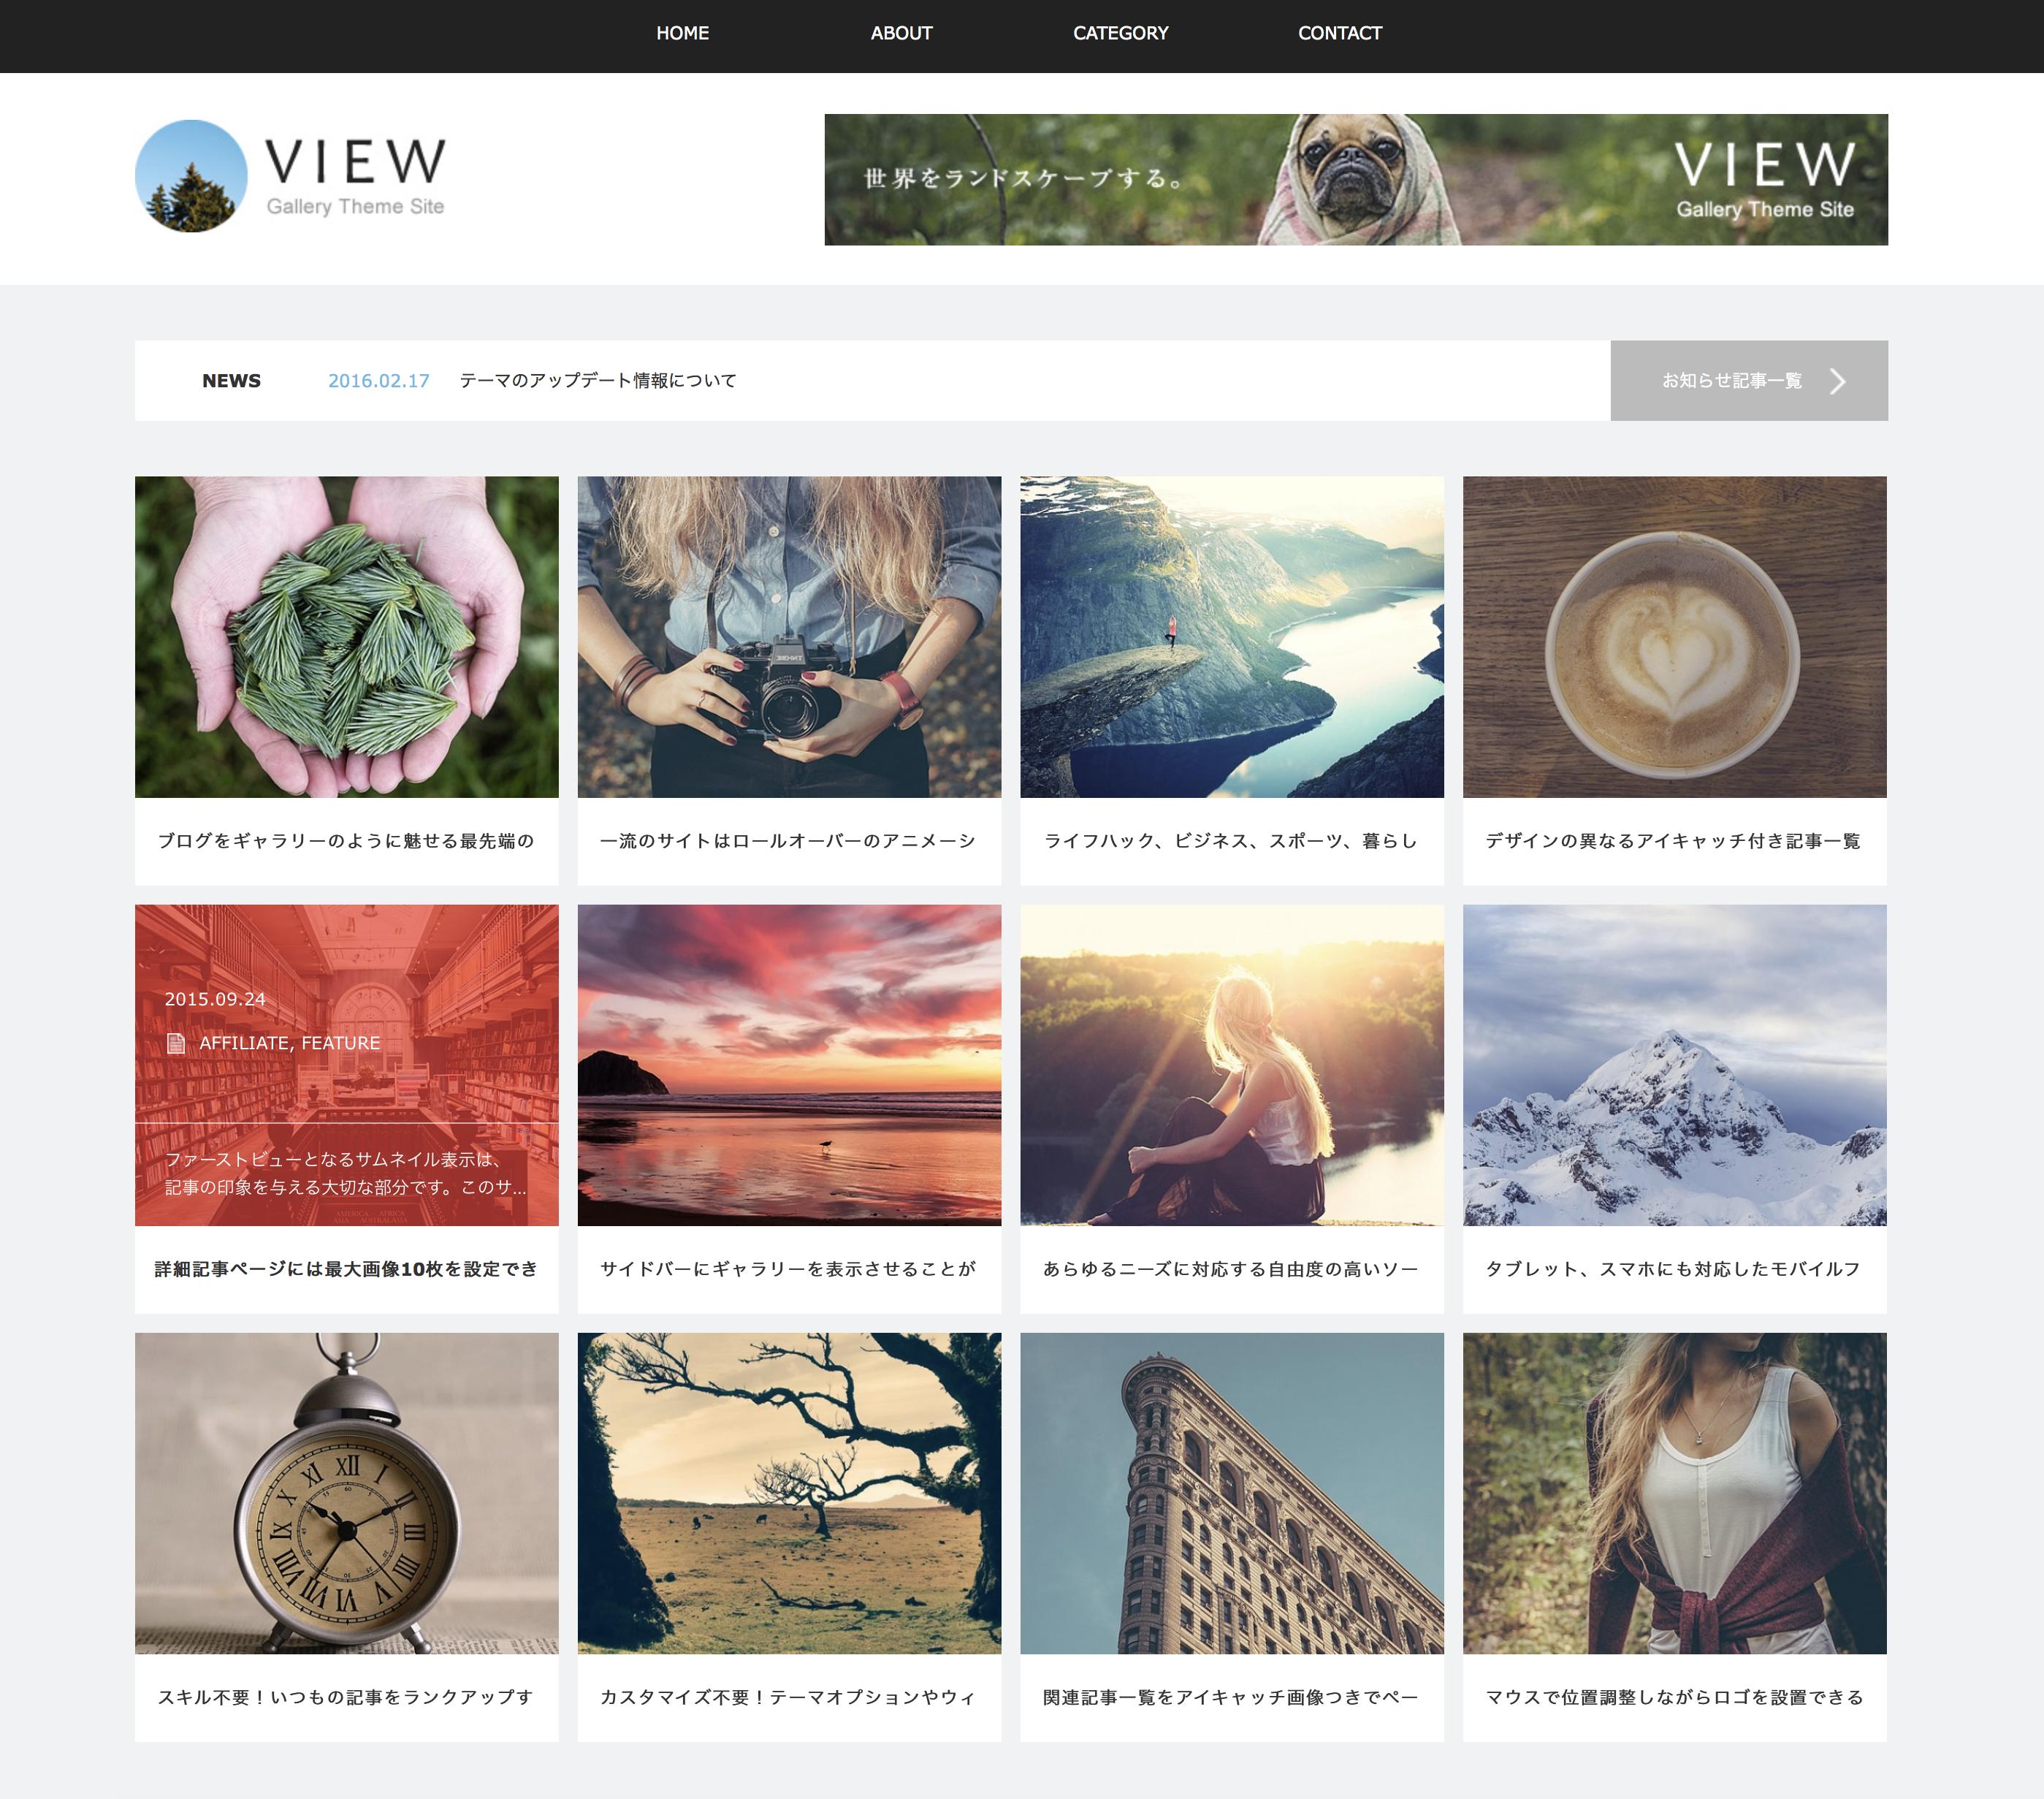 #140 WordPressの有料テーマ VIEW を購入しました